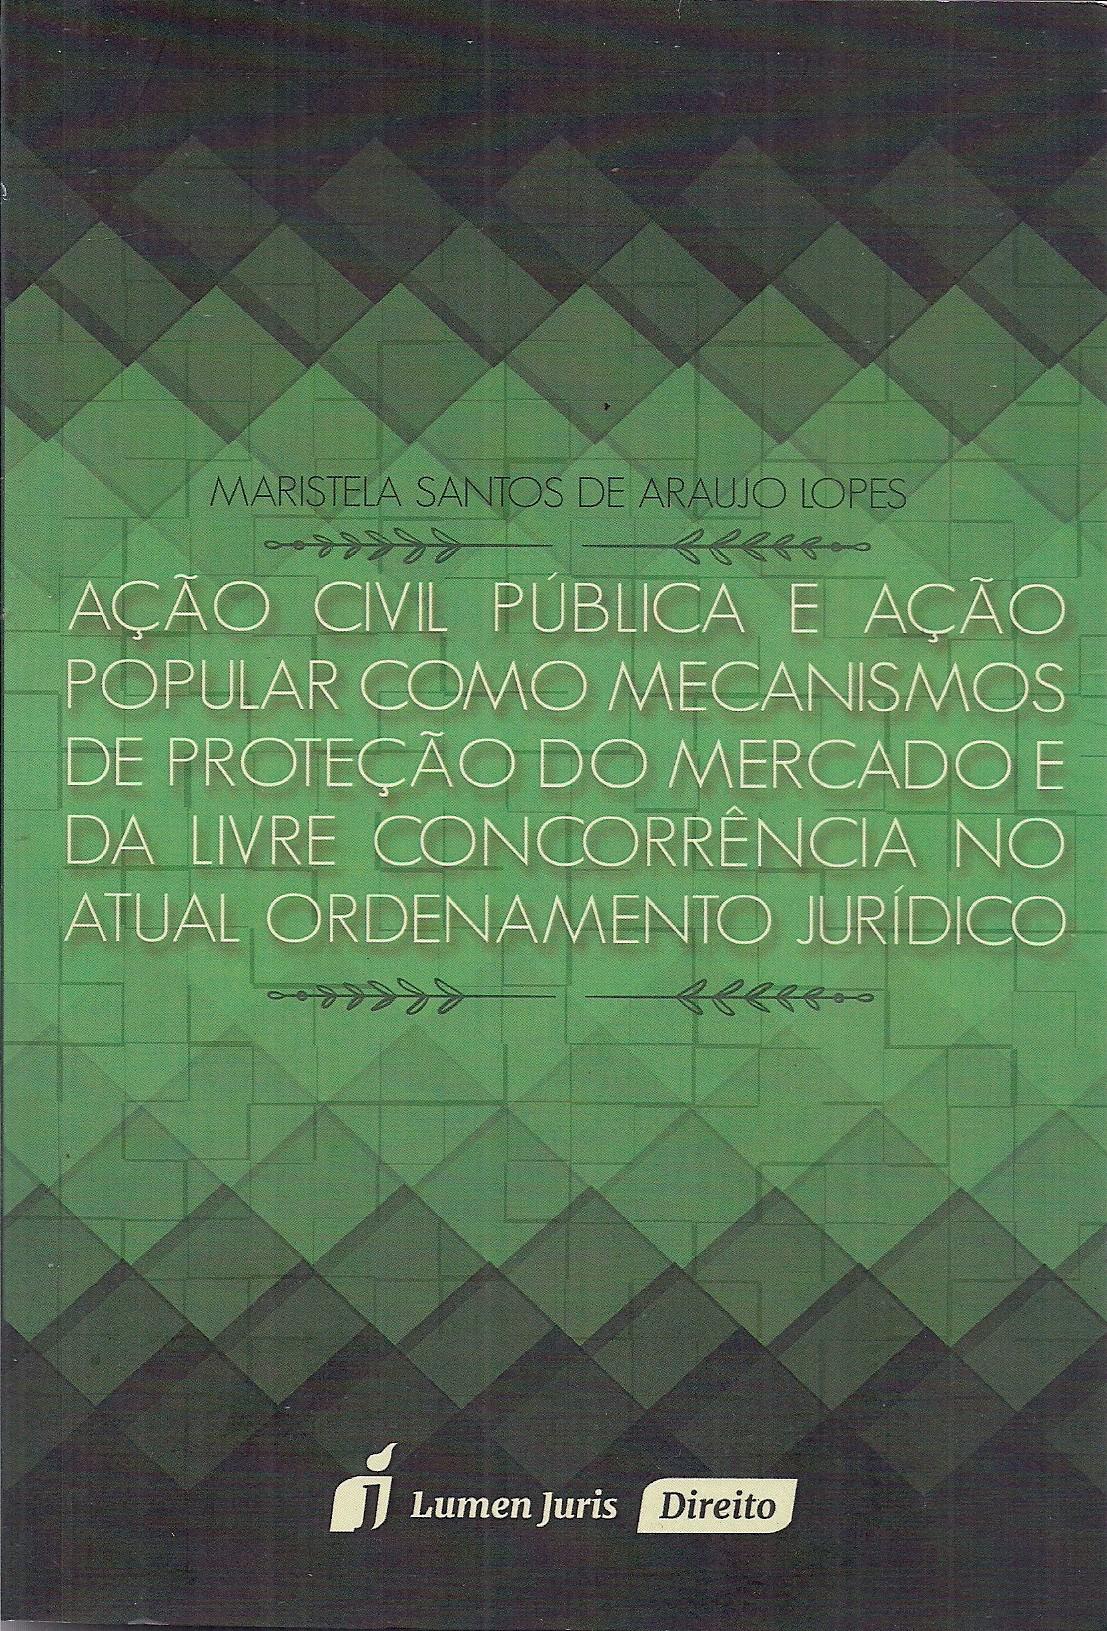 Foto 1 - Ação Civil Pública e Ação Popular Como Mecanismos de Proteção do Mercado